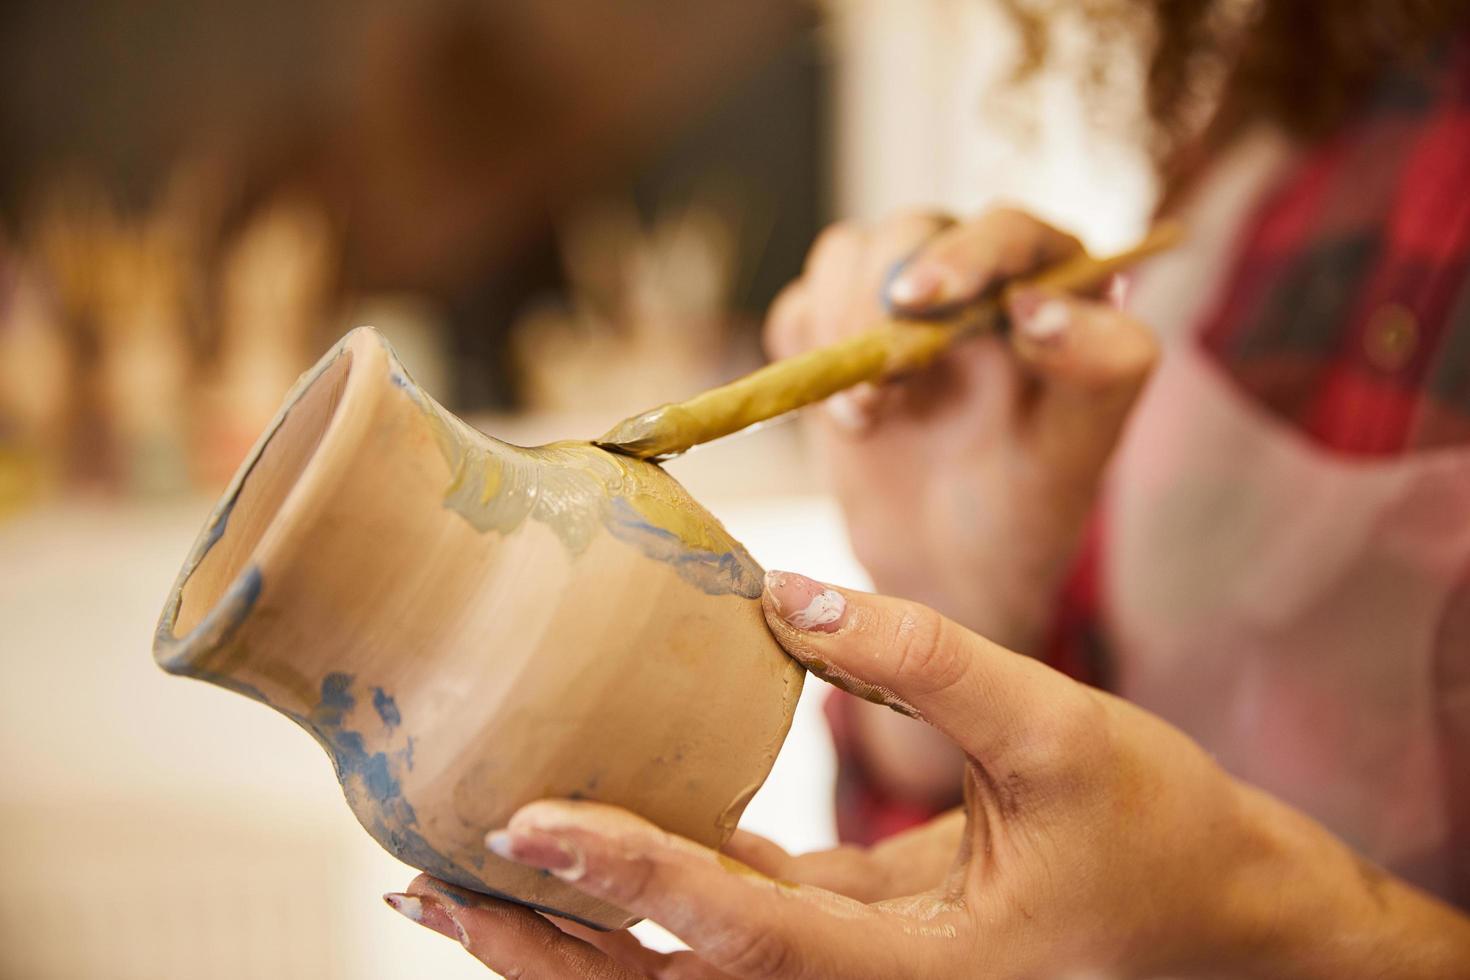 gros plan, la fille peint un vase avant la cuisson photo